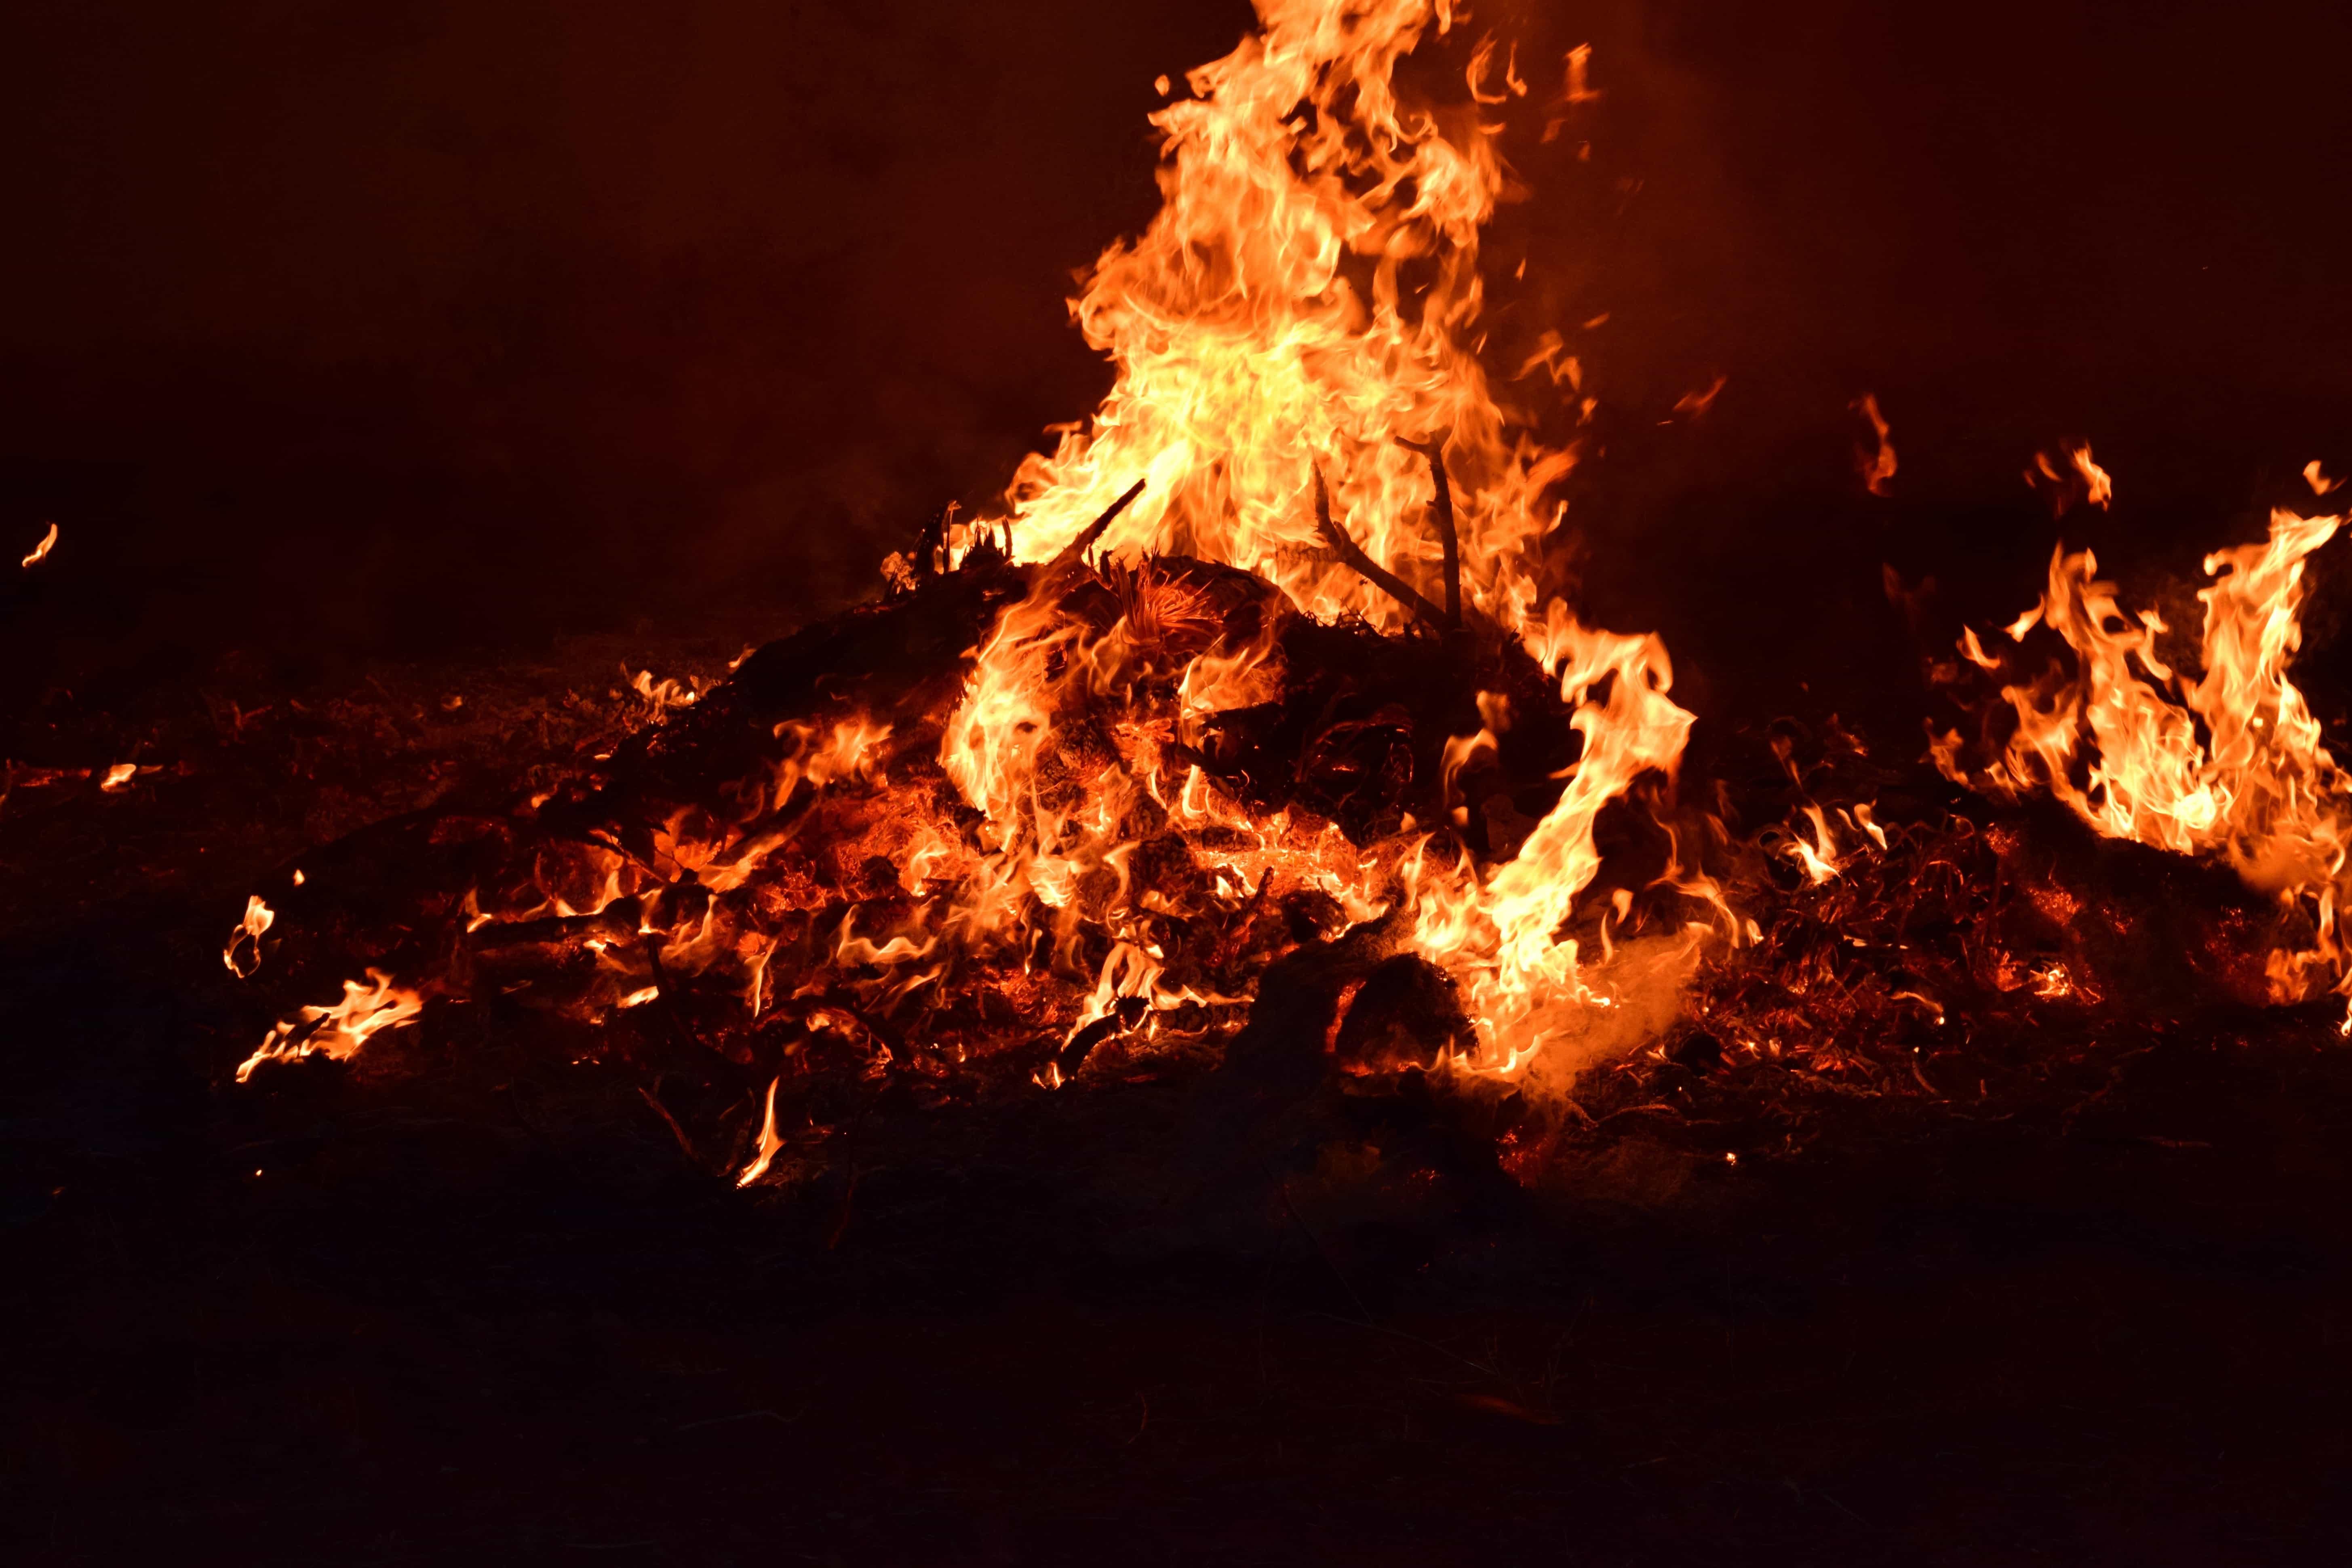 Fire flames free images, public domain images